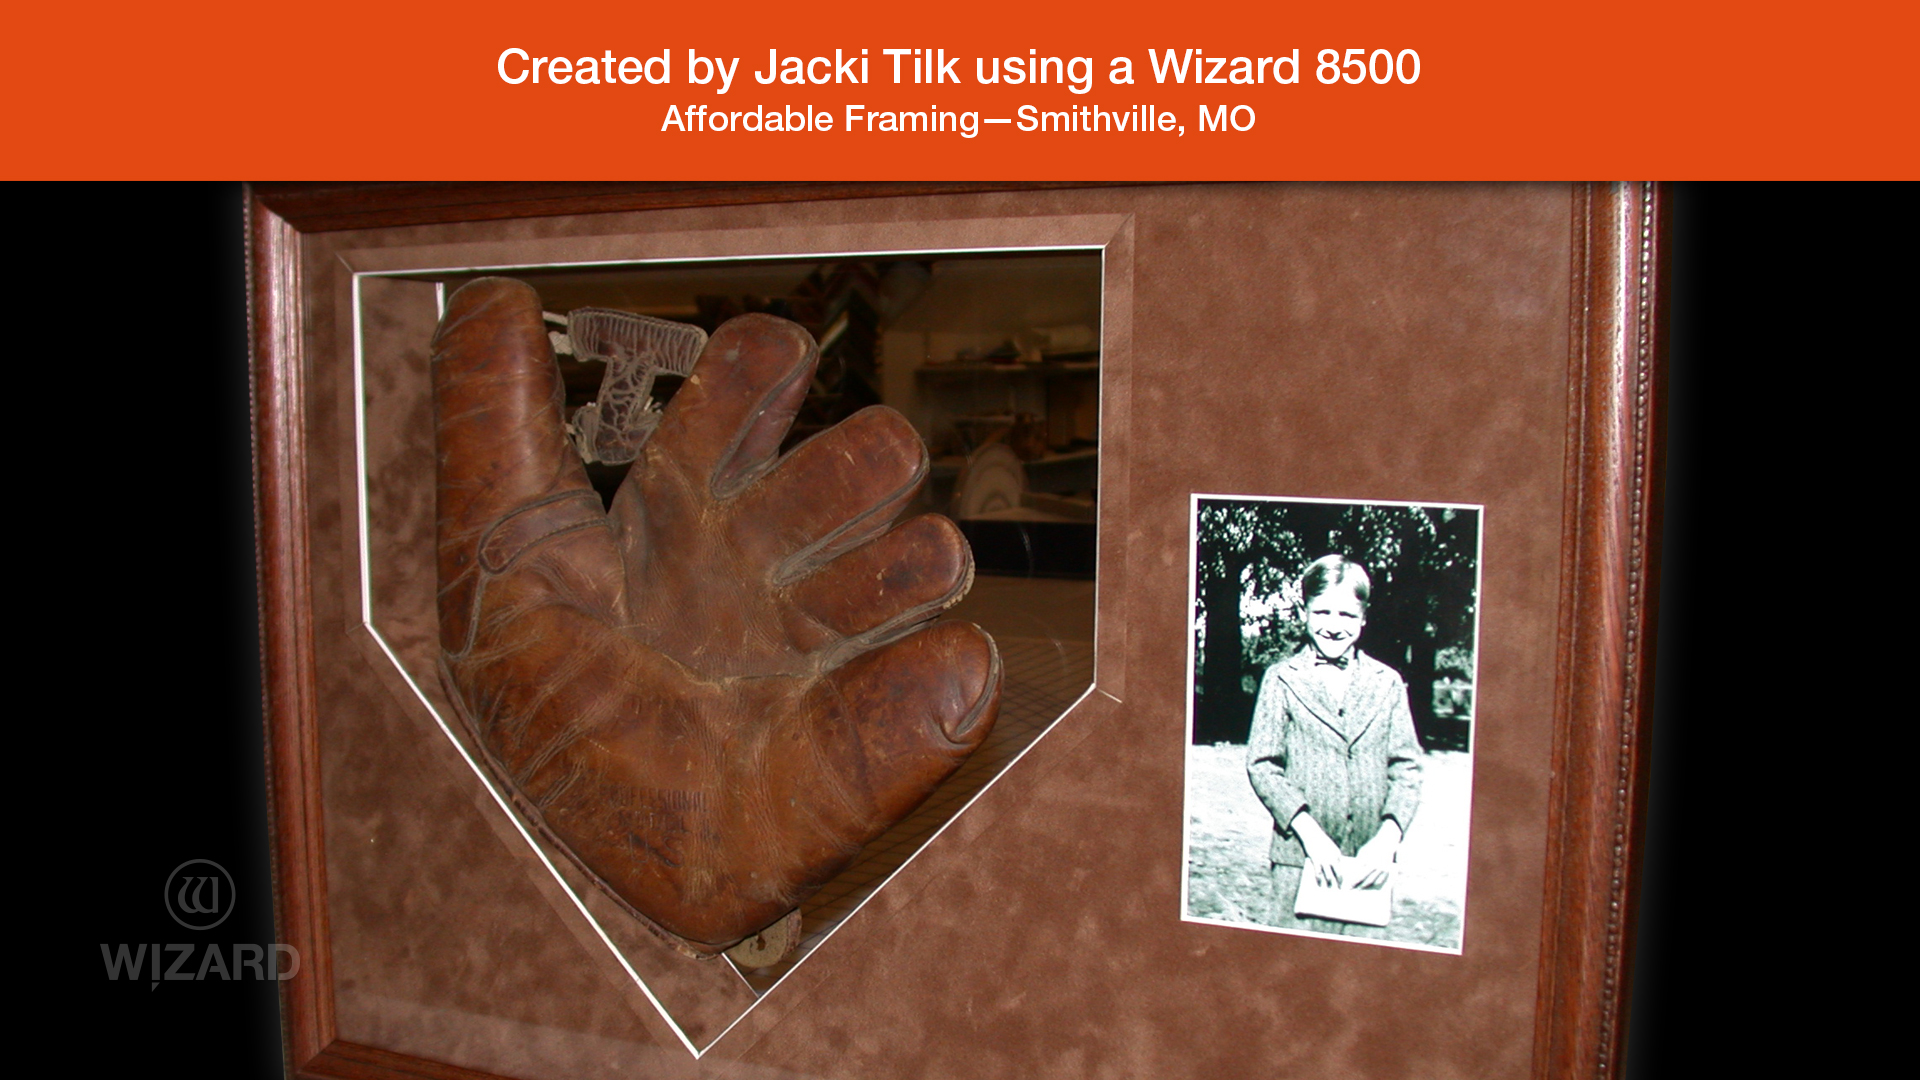 jacki-tilk-1.jpg